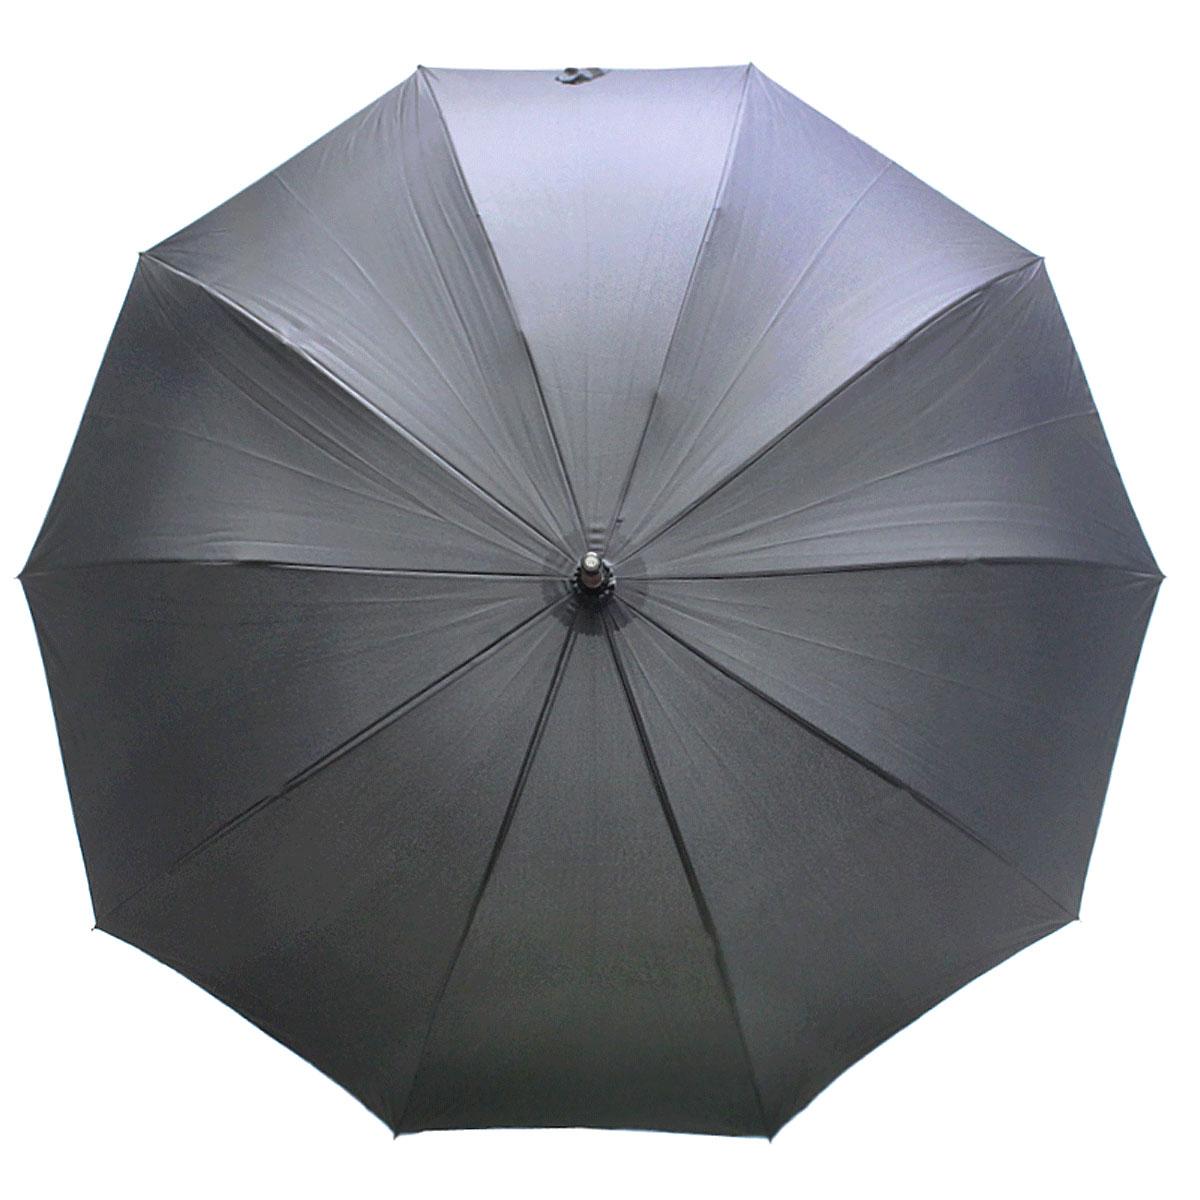 Зонт-трость мужской Vogue, механика, цвет: черный. 557 V557 VСтильный зонт-трость Vogue даже в ненастную погоду позволит вам оставаться в тренде. В производстве зонтов Vogue используются современные материалы, что делает зонты легкими, но в то же время крепкими. Каркас зонта включает 8 спиц. Стержень изготовлен из стали, купол выполнен из прочного полиэстера. Зонт является механическим: купол открывается и закрывается вручную до характерного щелчка.